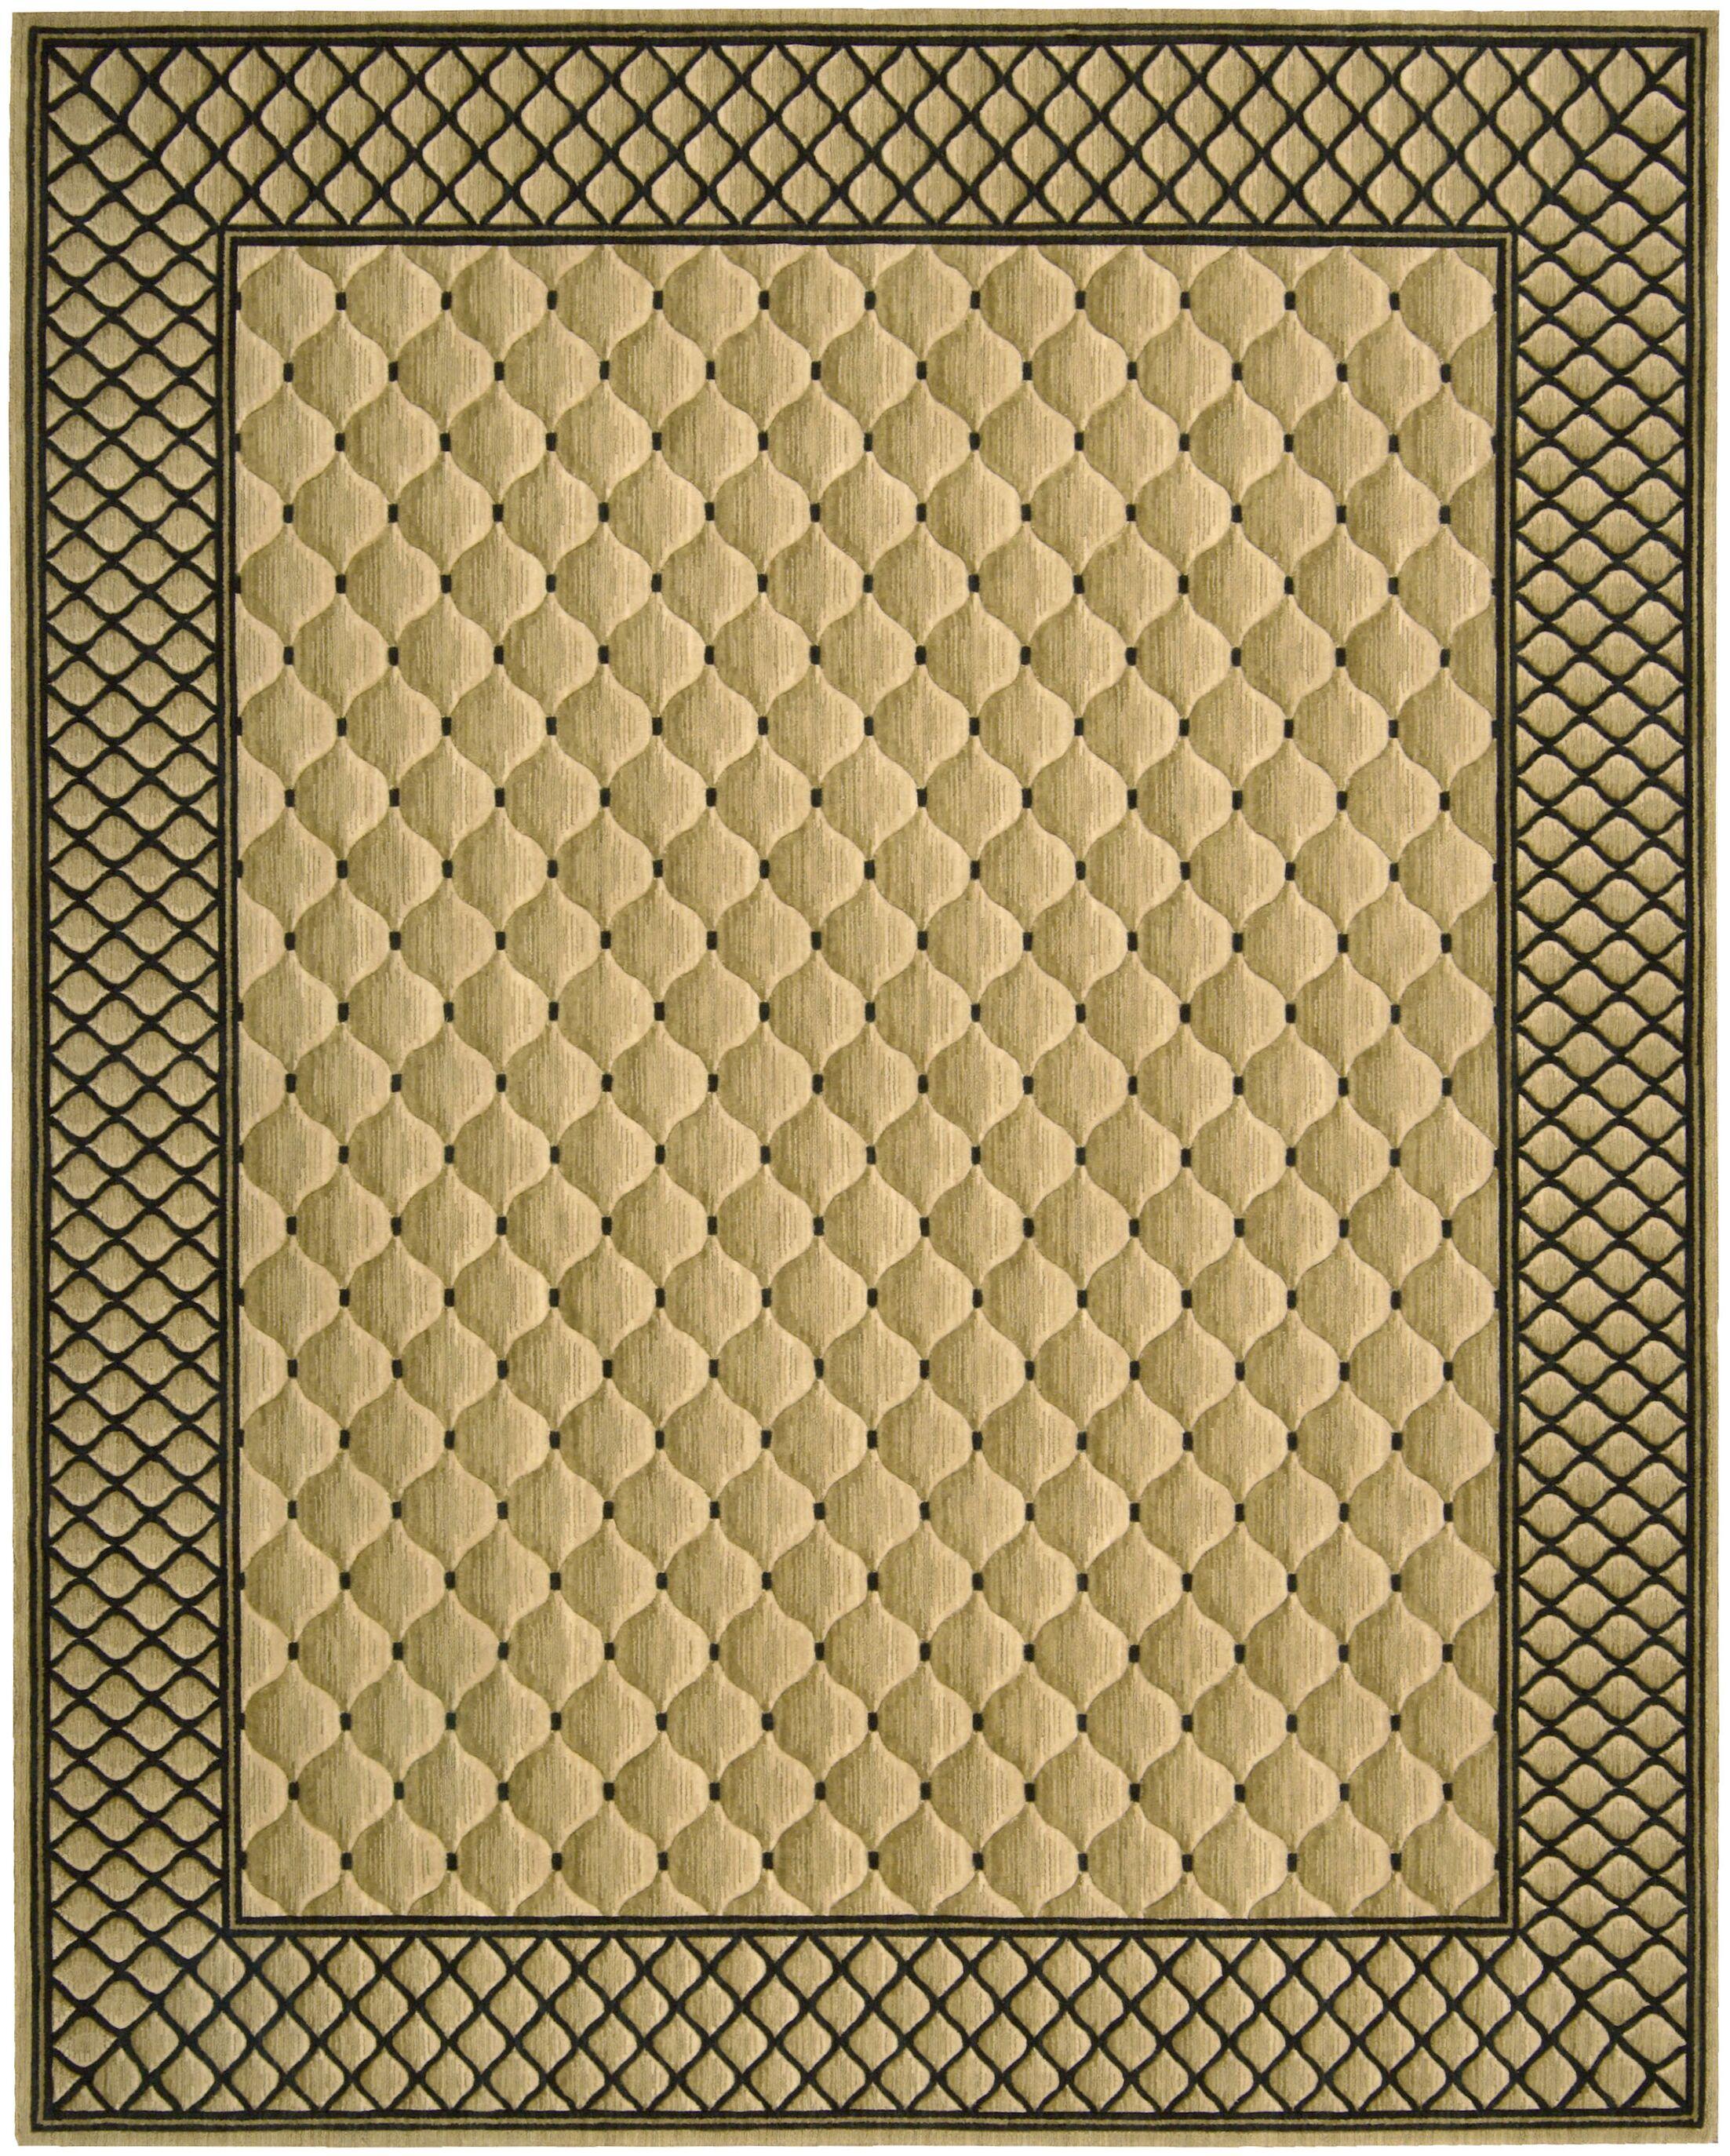 Bryn Beige/Black Area Rug Rug Size: Rectangle 5'3